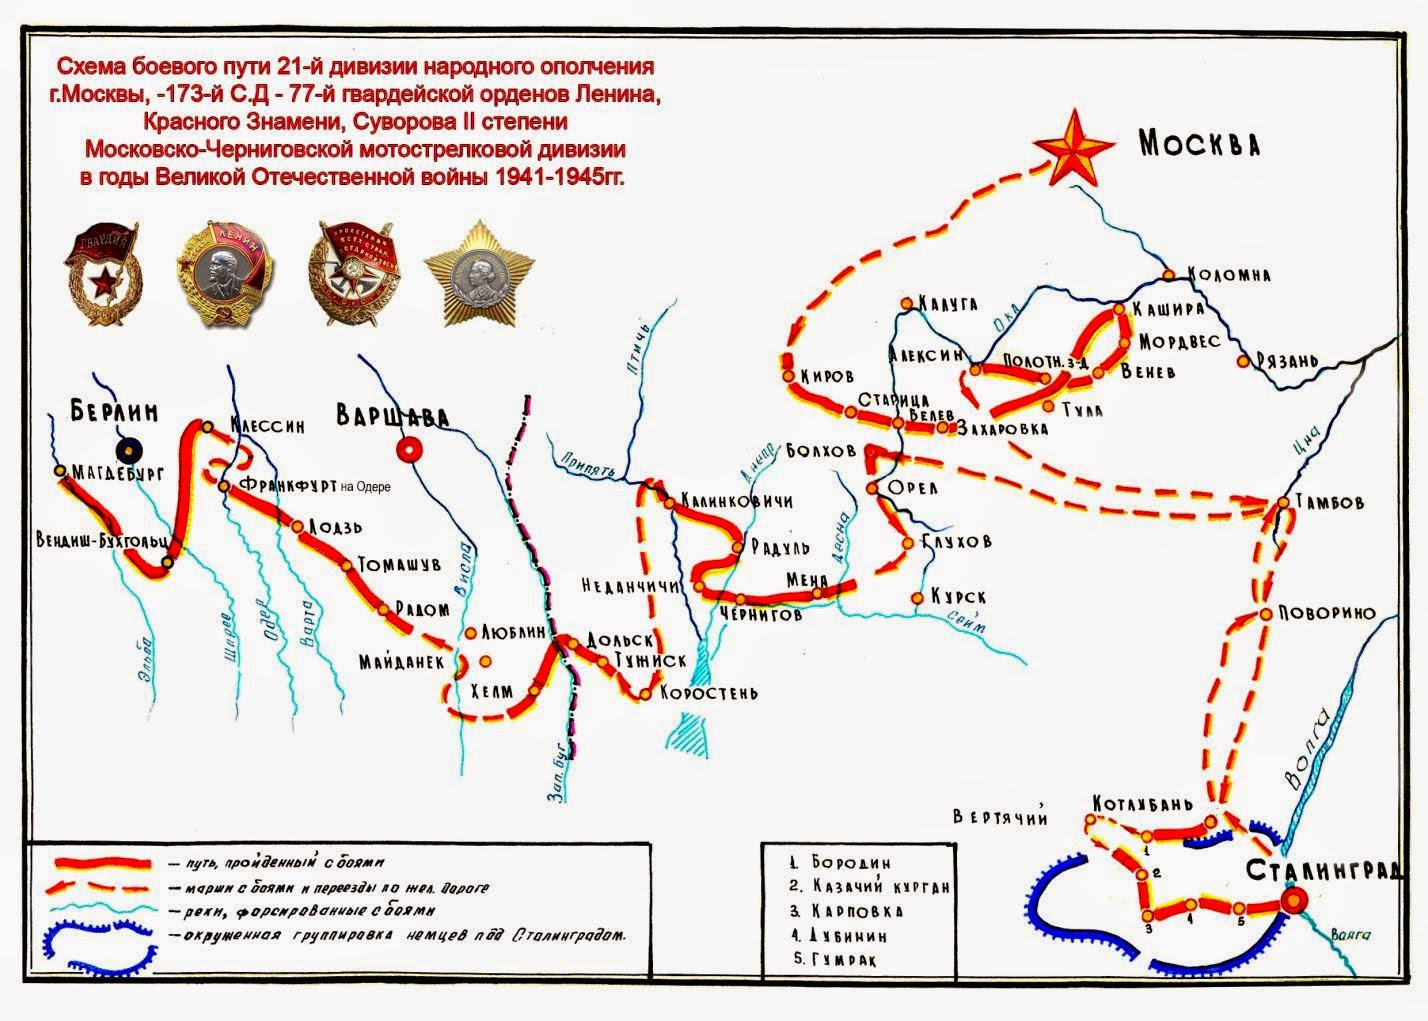 Осенью 1941 года и зимой 1941/1942 годов в составе 49-й армии западного фронта дивизия участвовала в оборонительных сражениях под москвой